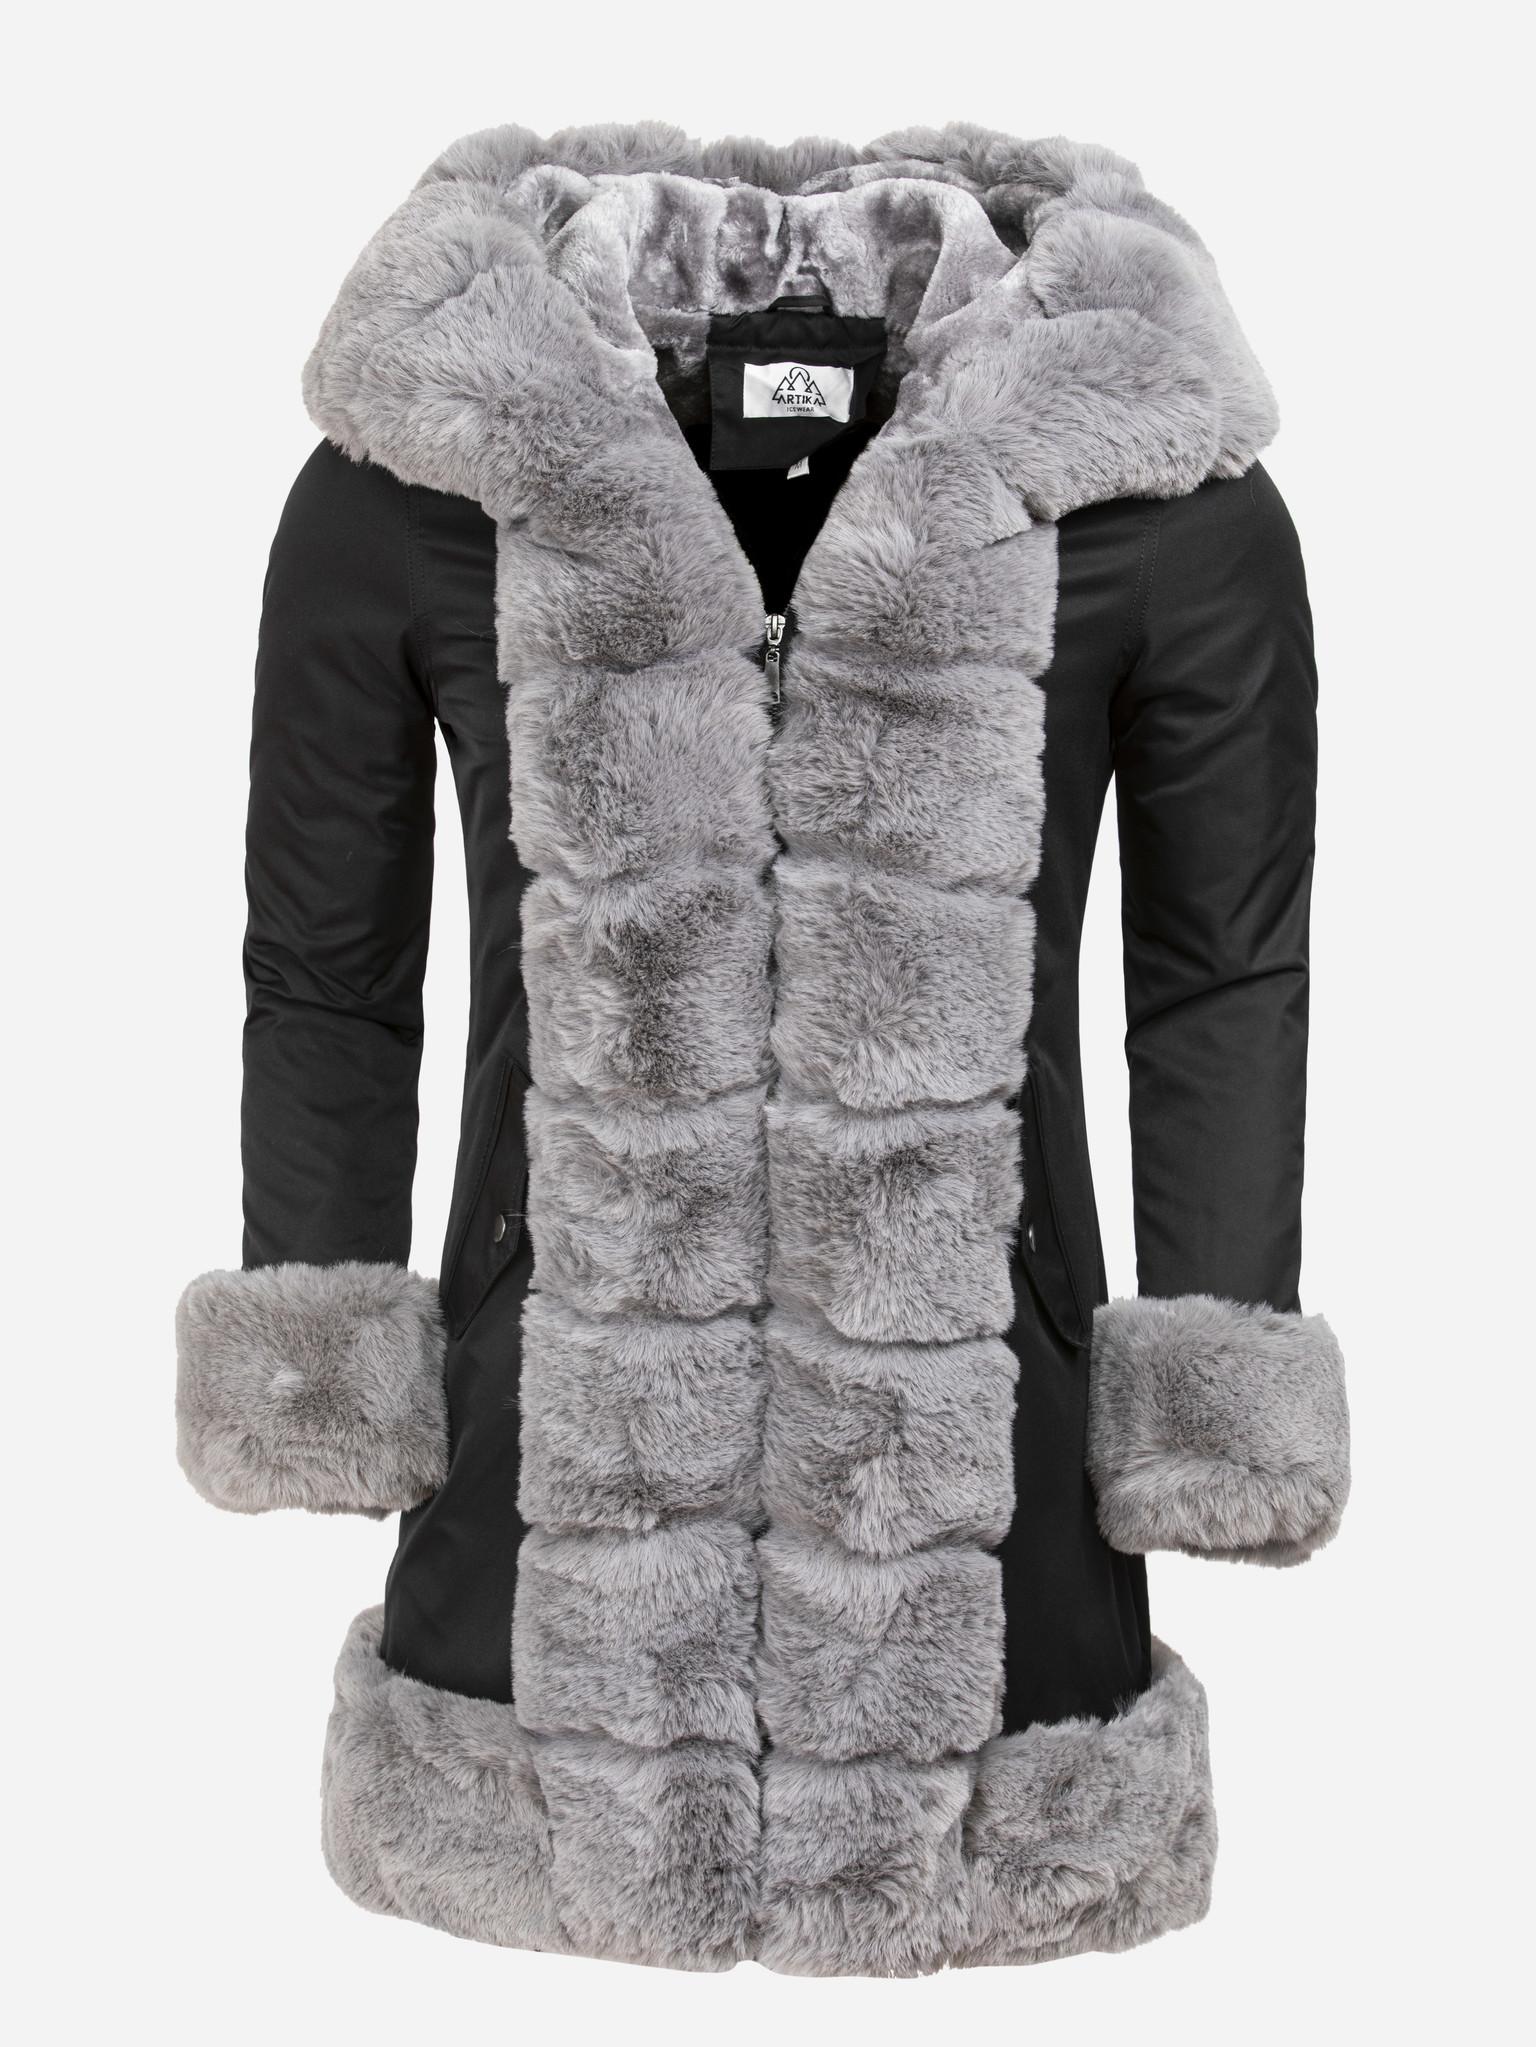 Artika Icewear Winterjas Dames L816-1023 Black Grey Maat: XL